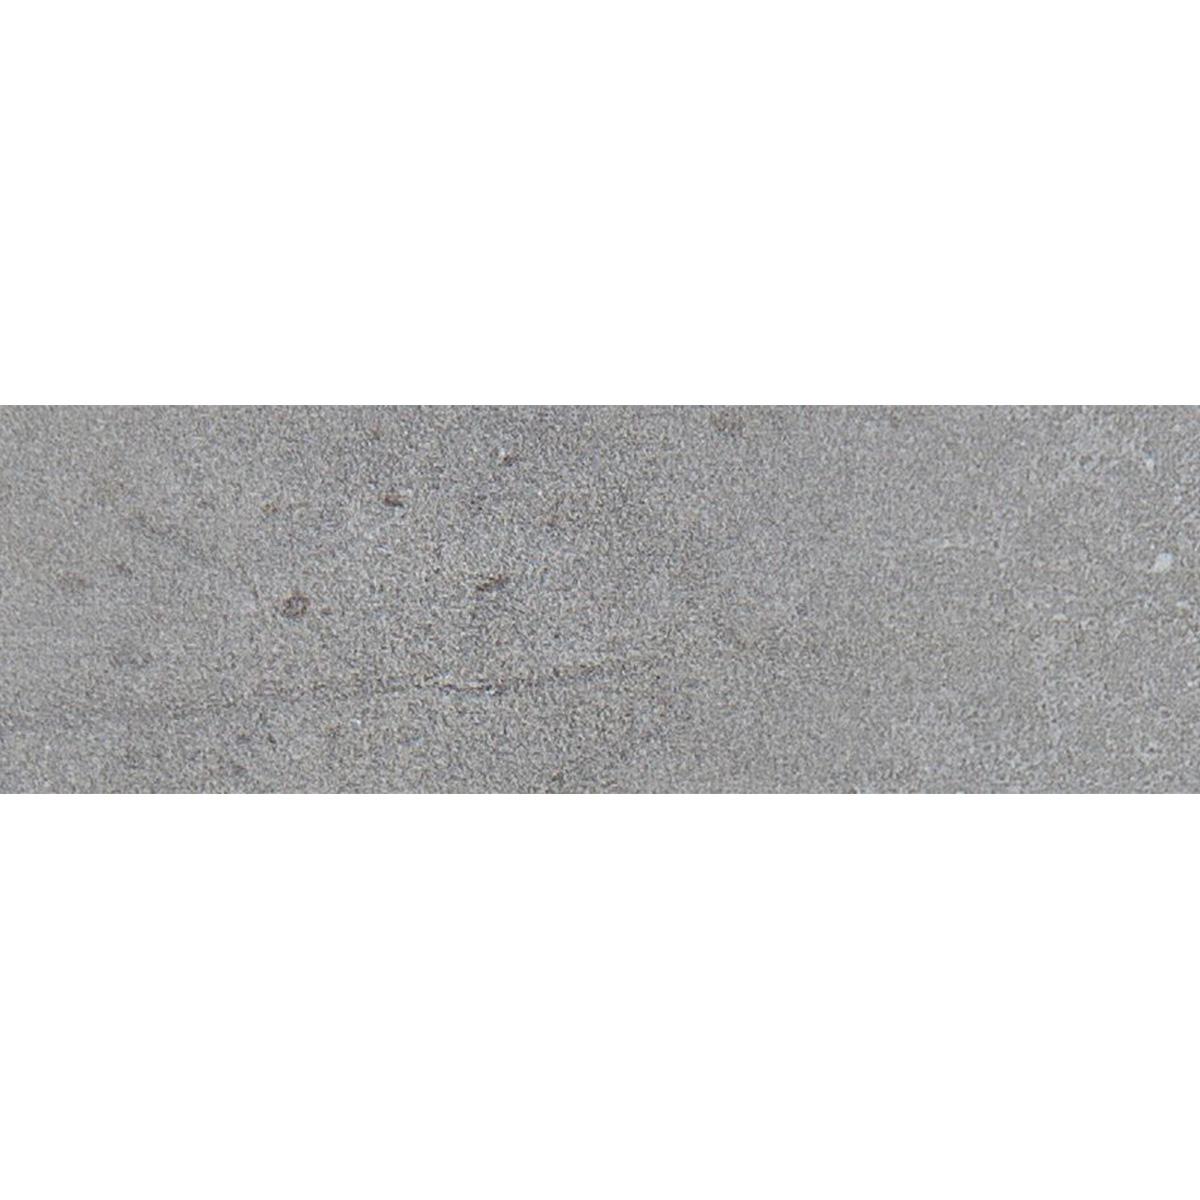 Sphinx Concrete tegel grijs mat 9.8 x 59.8 cm